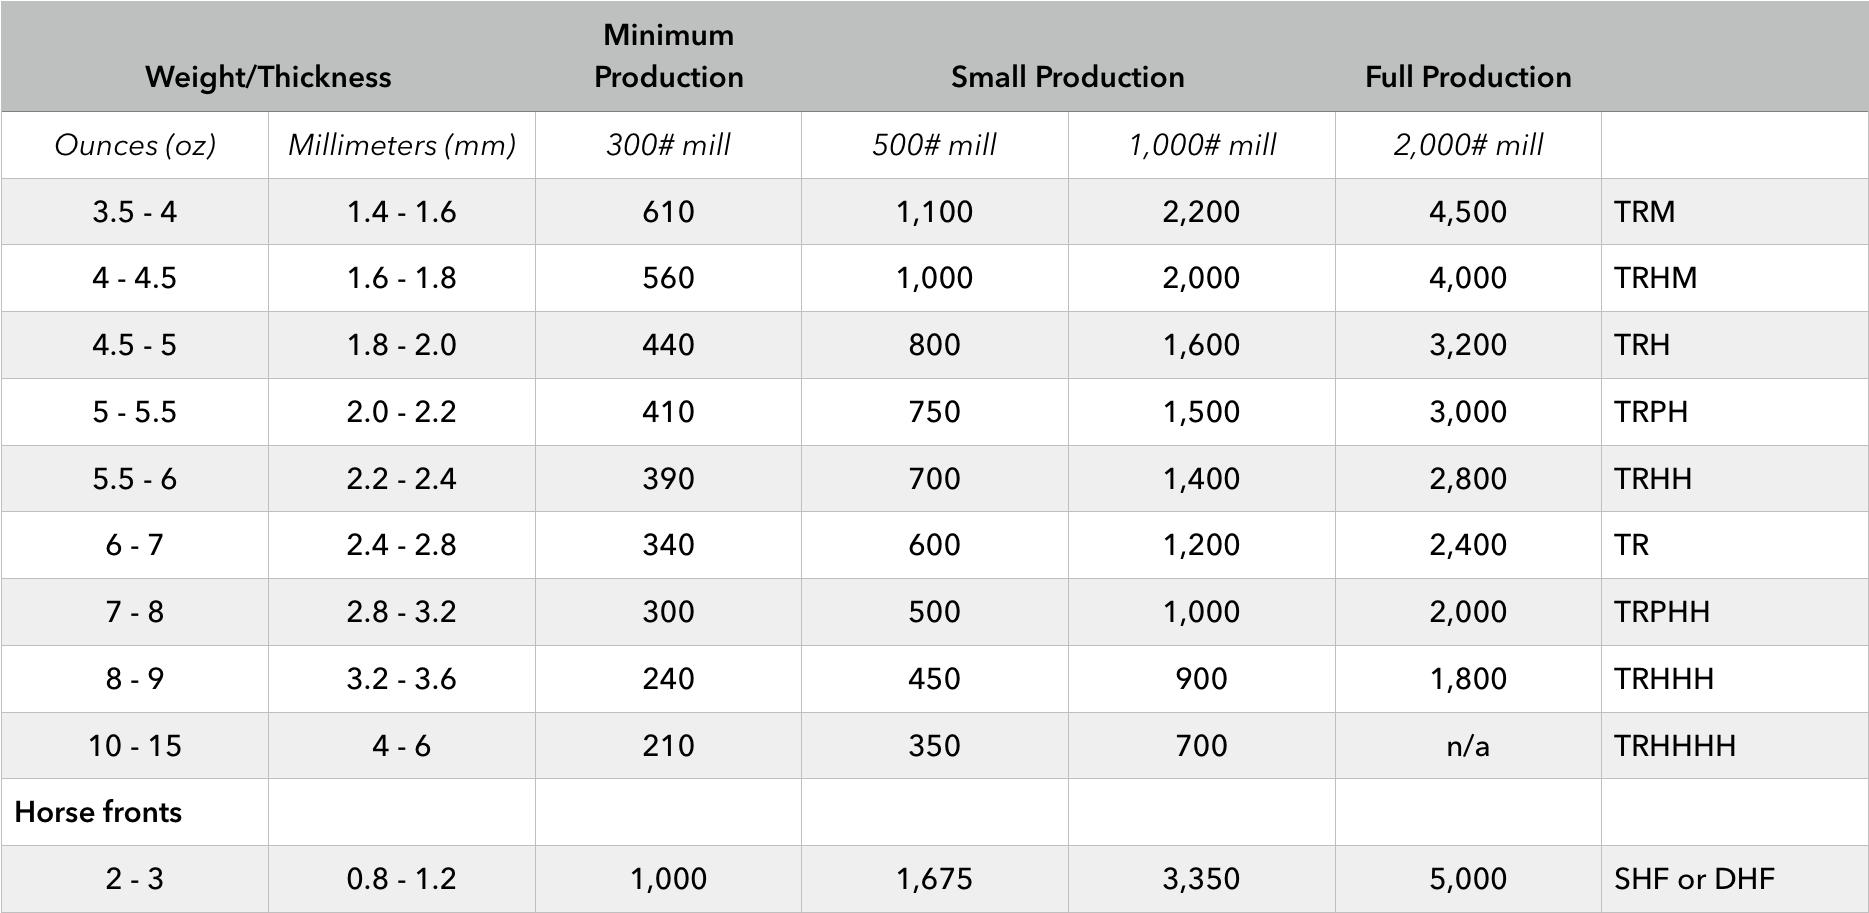 300 lb mill represents minimum order quantity.